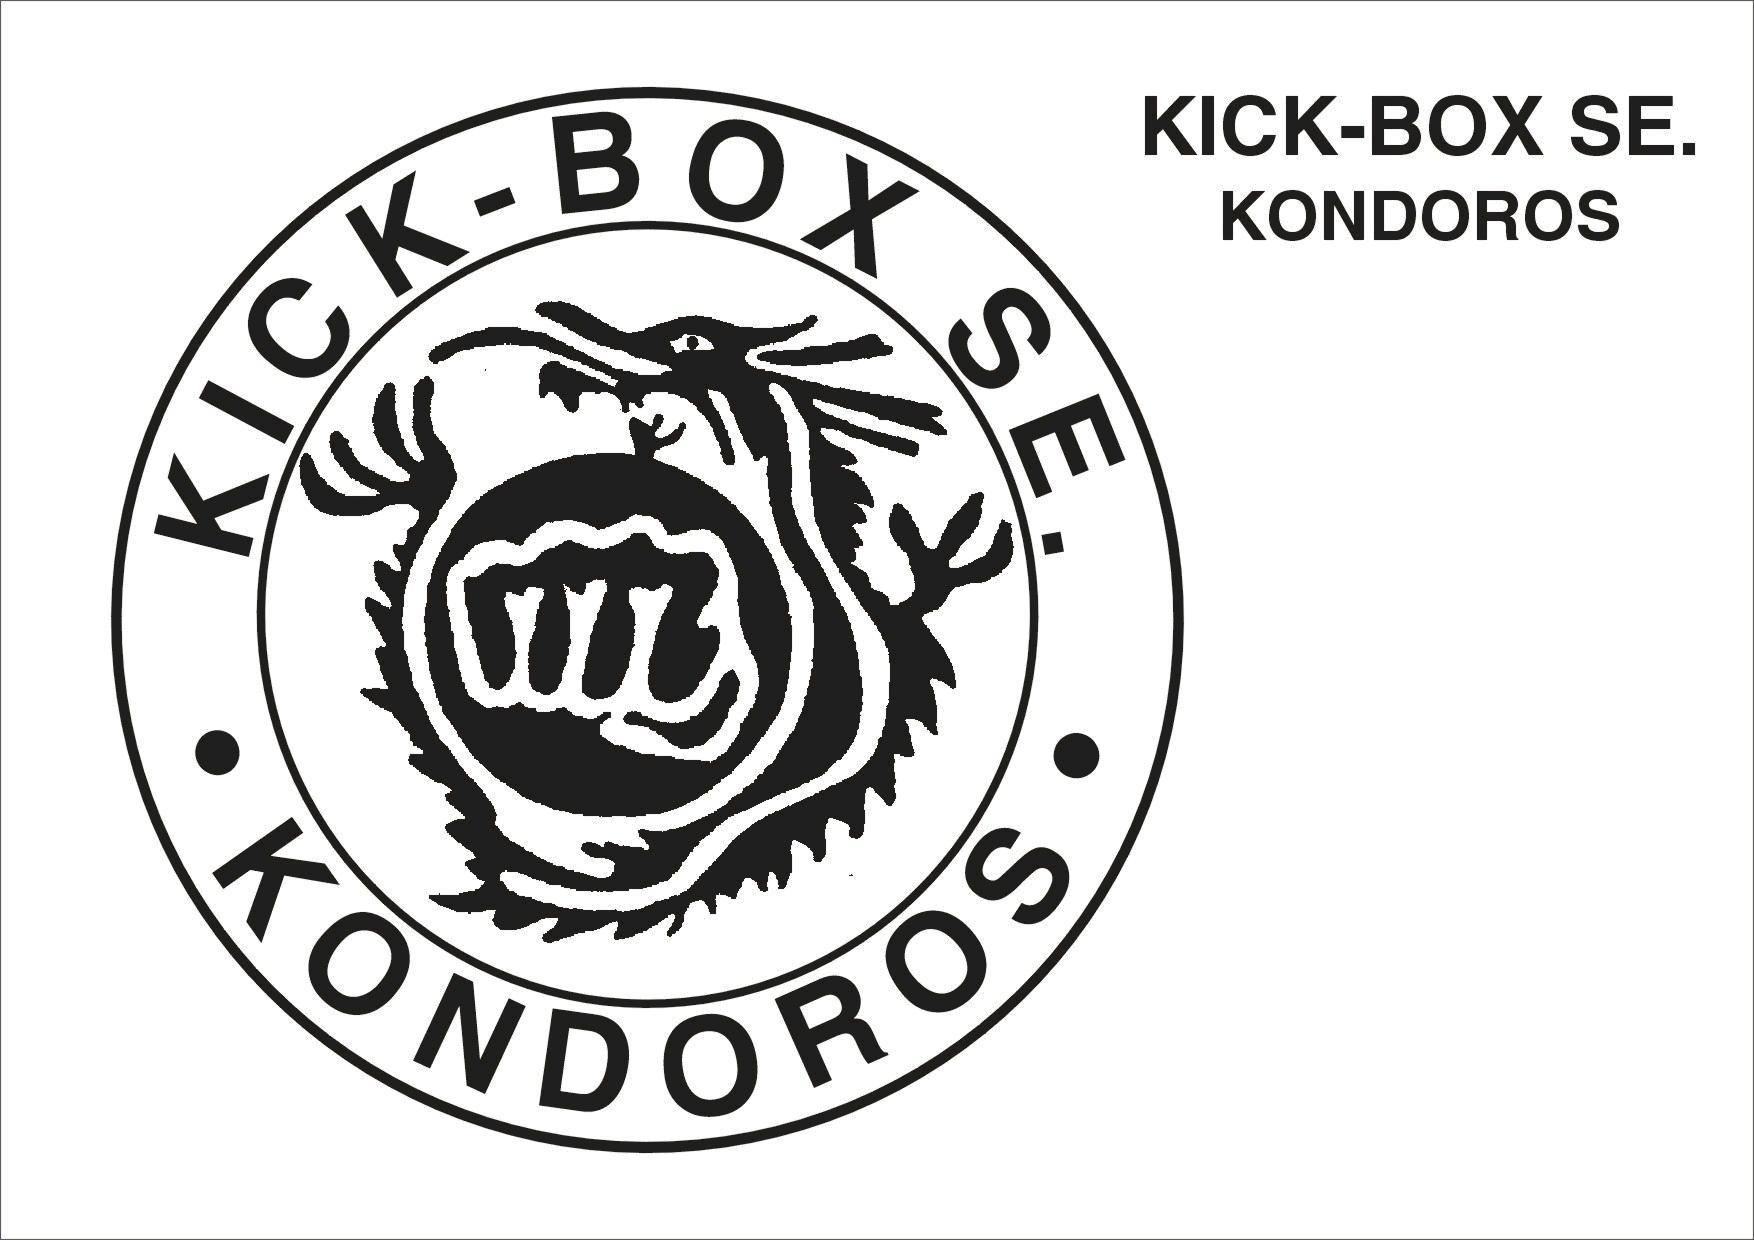 Kick-Box SE